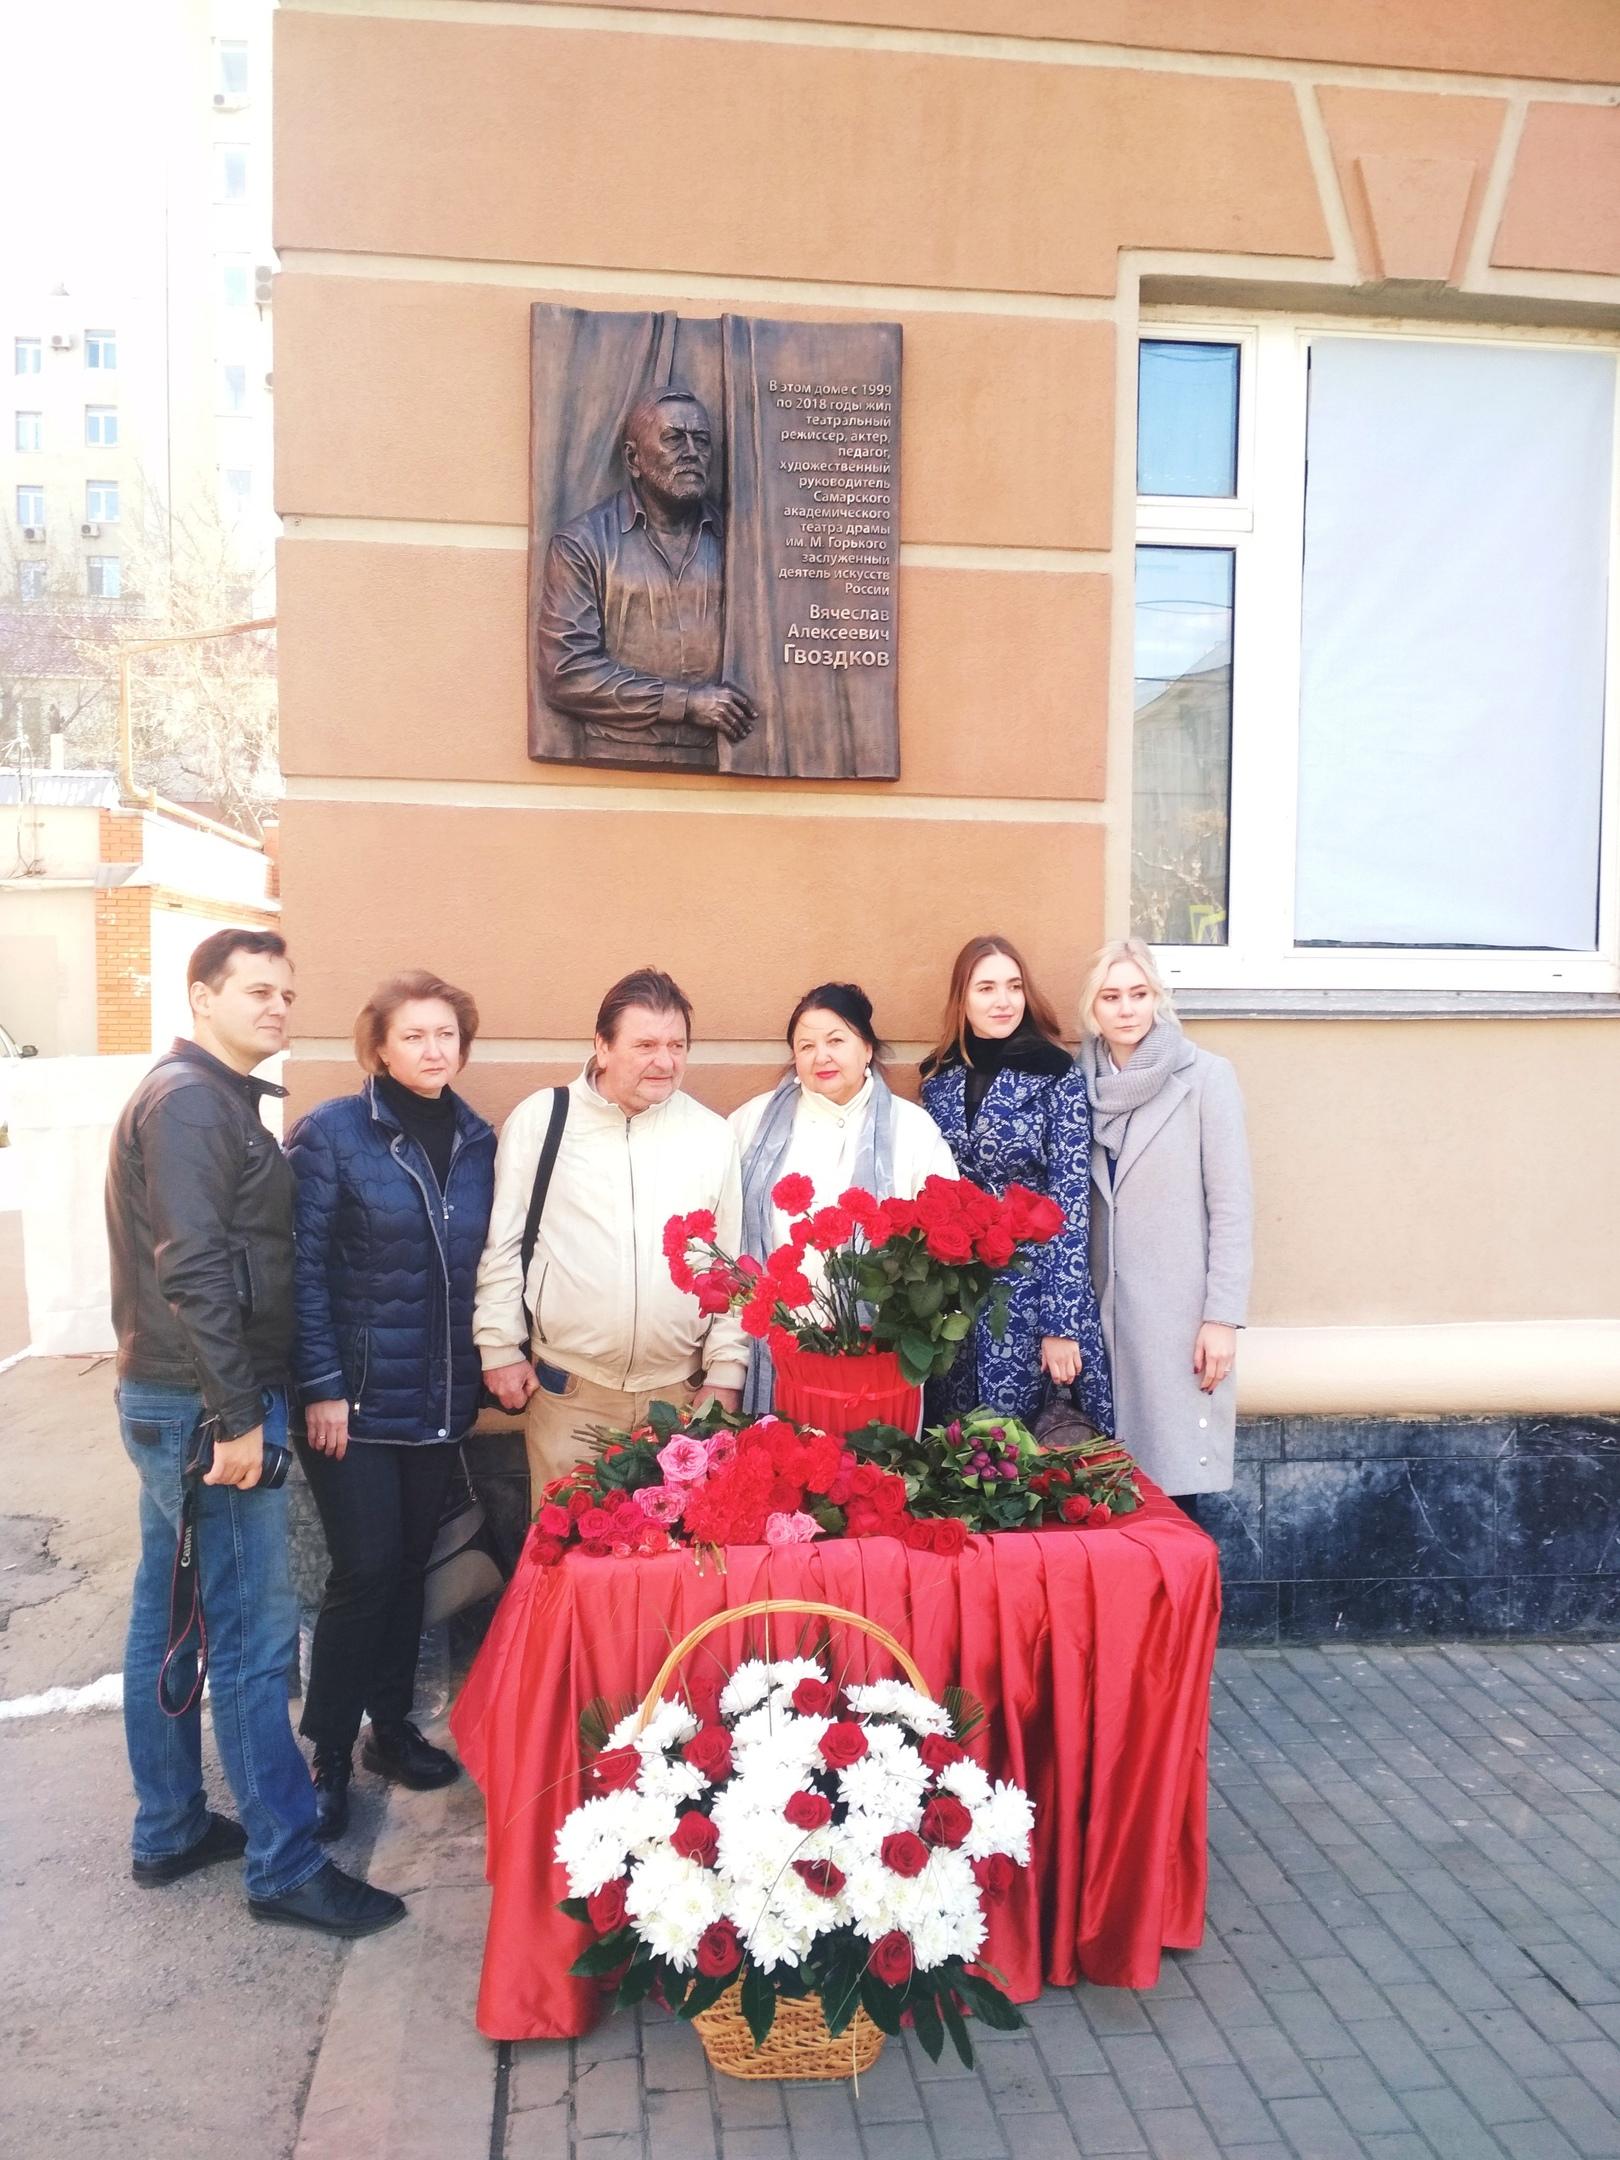 В Самаре открыли мемориальную доску Вячеславу Гвоздкову